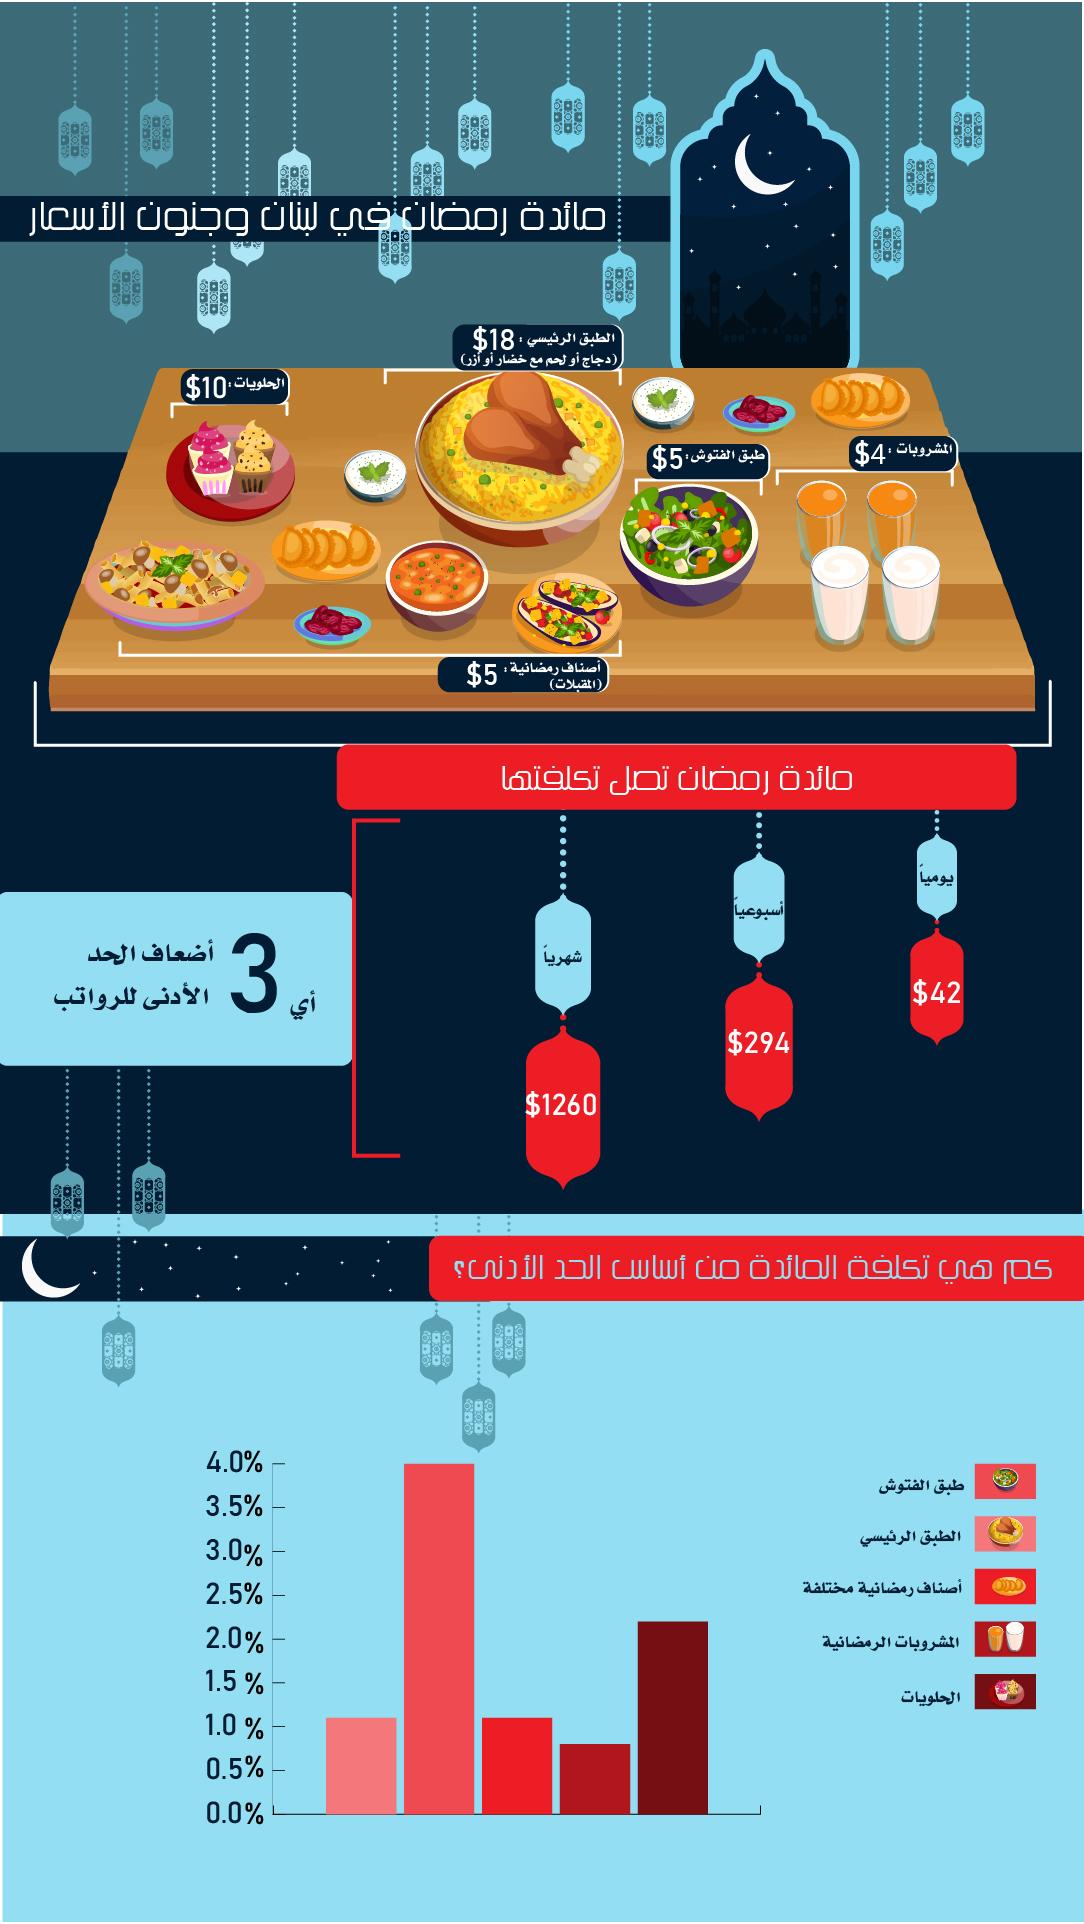 إنفوغراف: مائدة رمضان ليست بمتناول الجميع